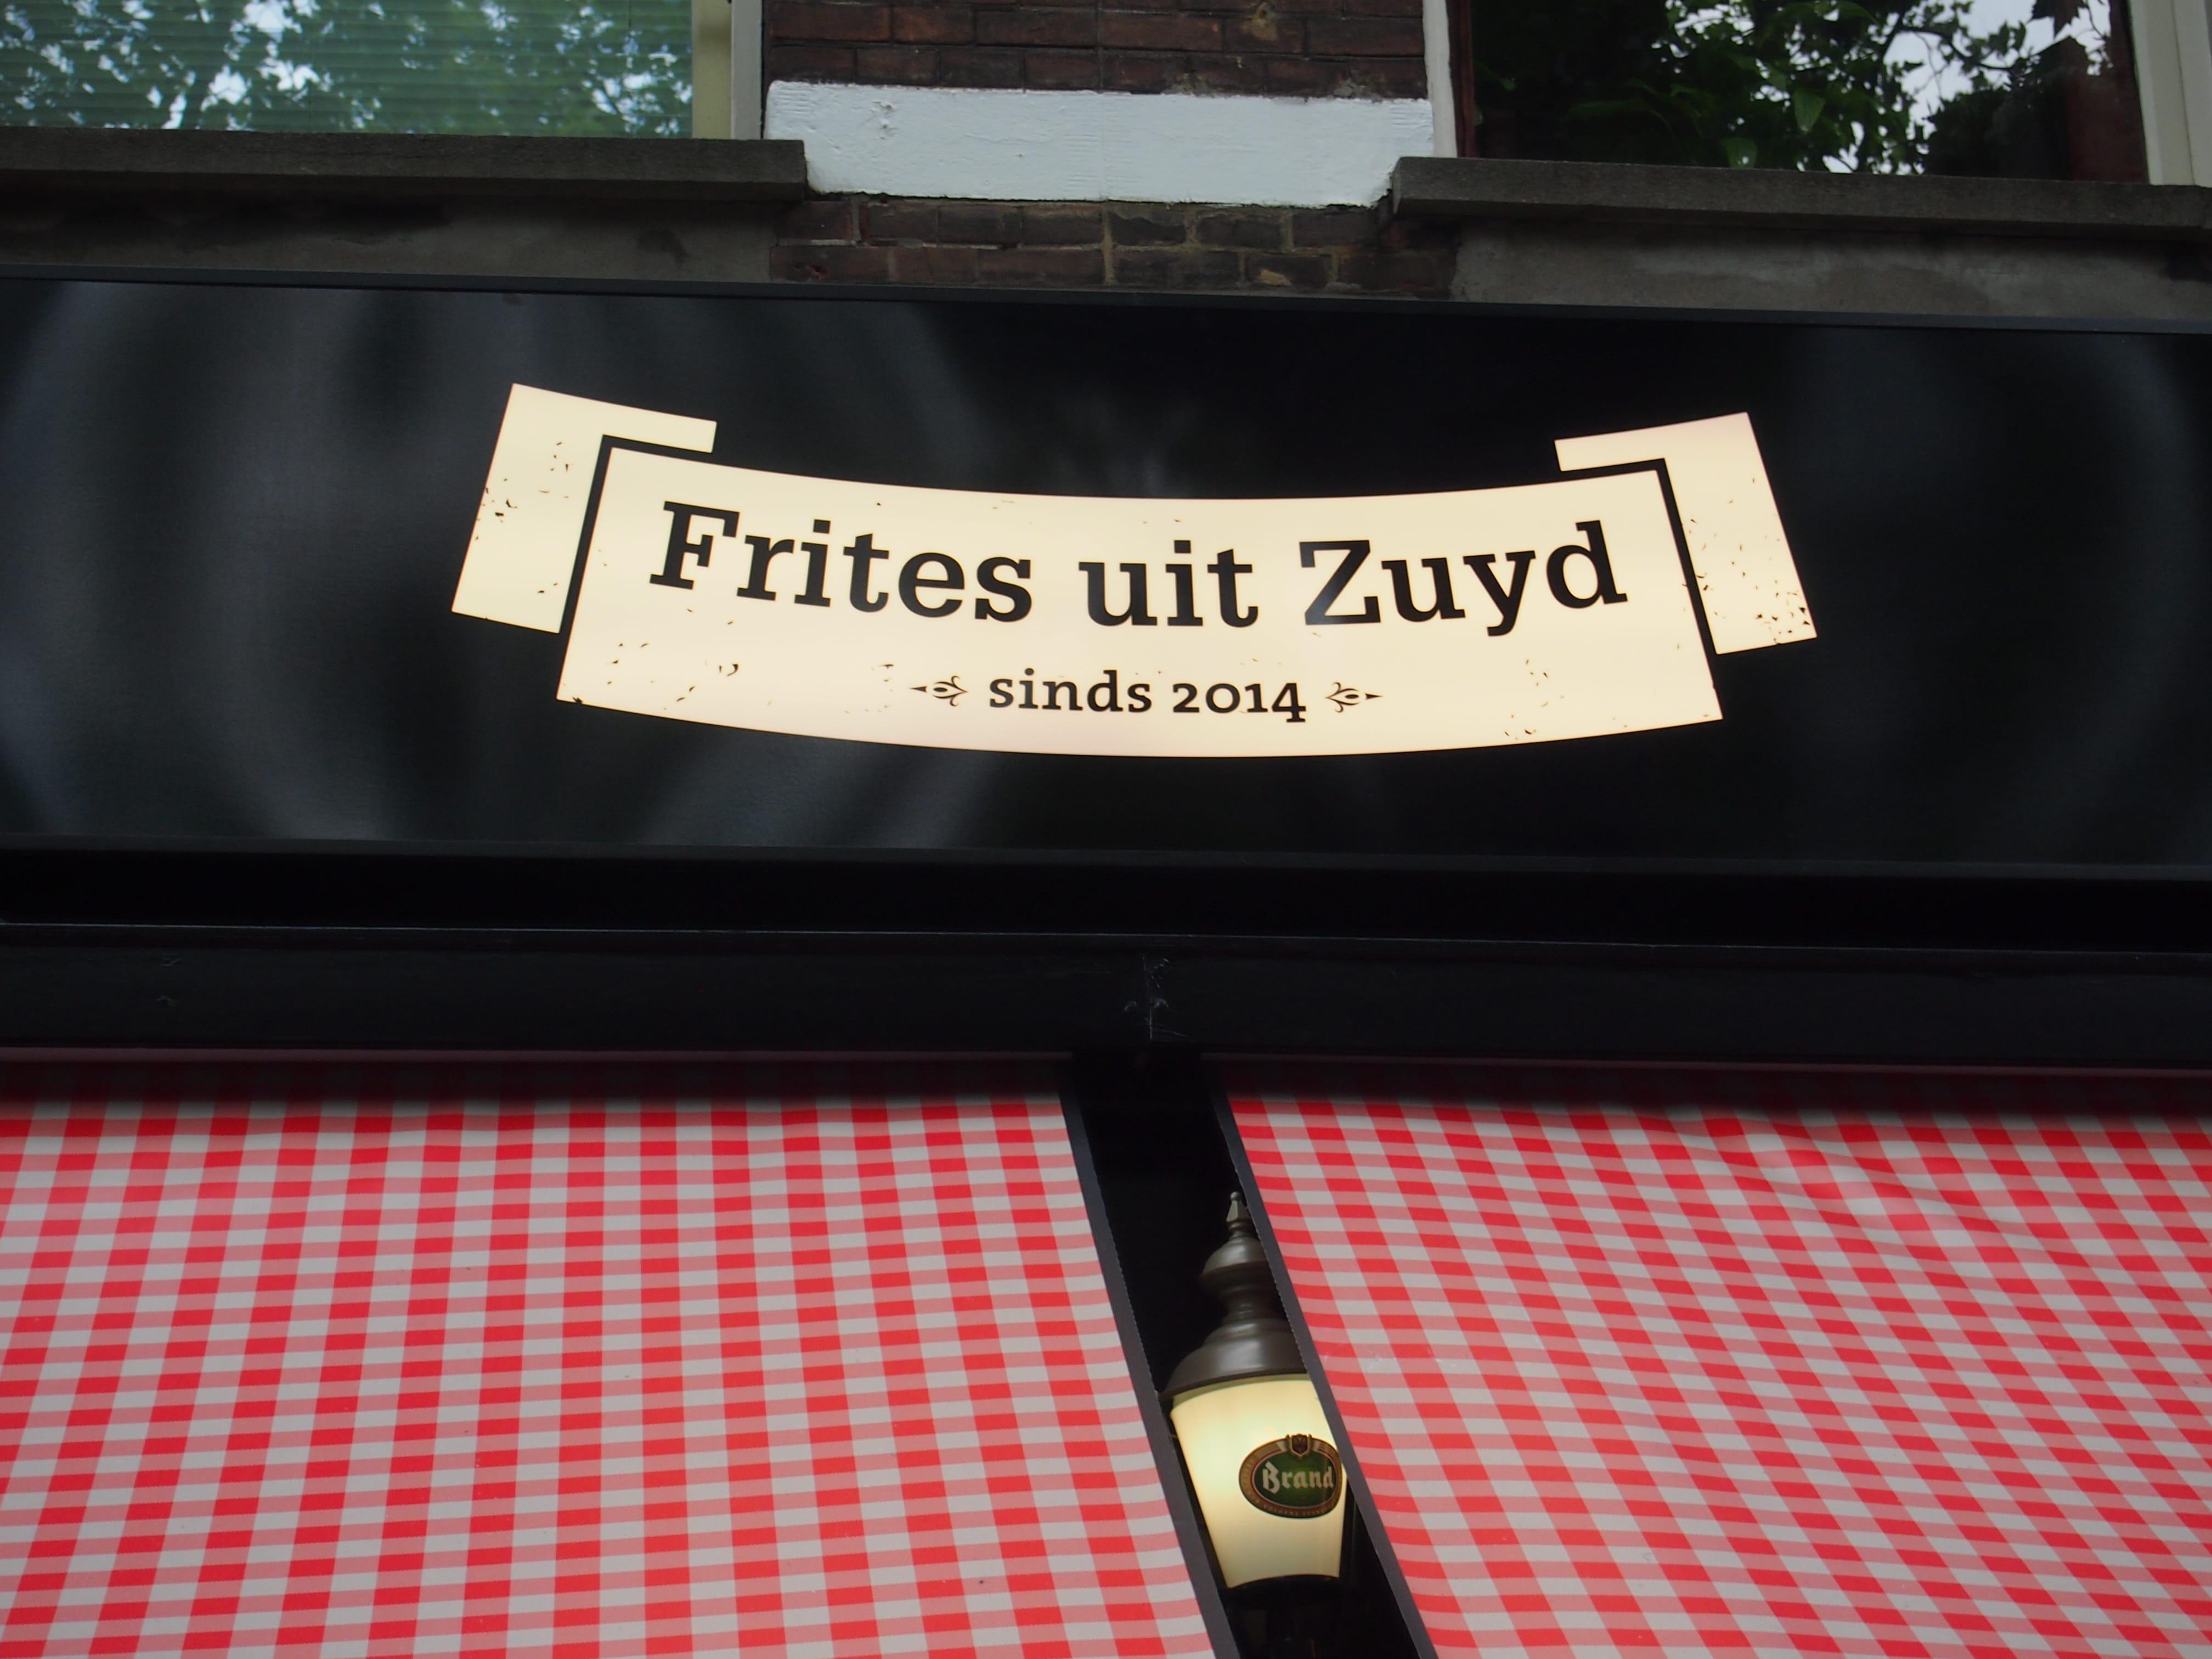 Frites uit Zuyd nieuw friet restaurant de Pijp Amsterdam